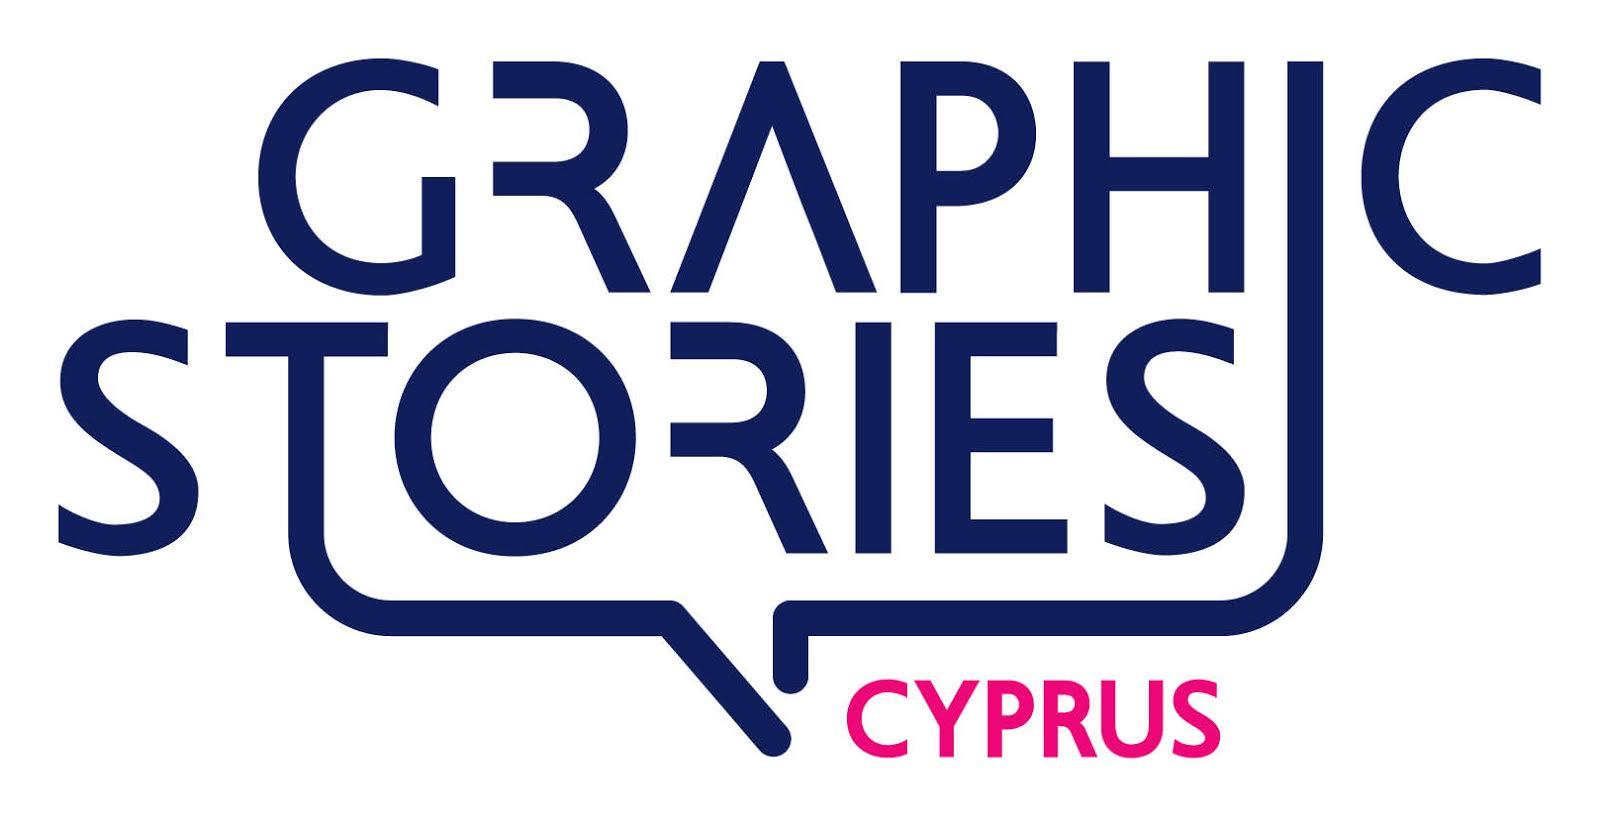 2η Συνάντηση Σχεδιαστών Οπτικής Επικοινωνίας Κύπρου Graphic Stories Cyprus 2016